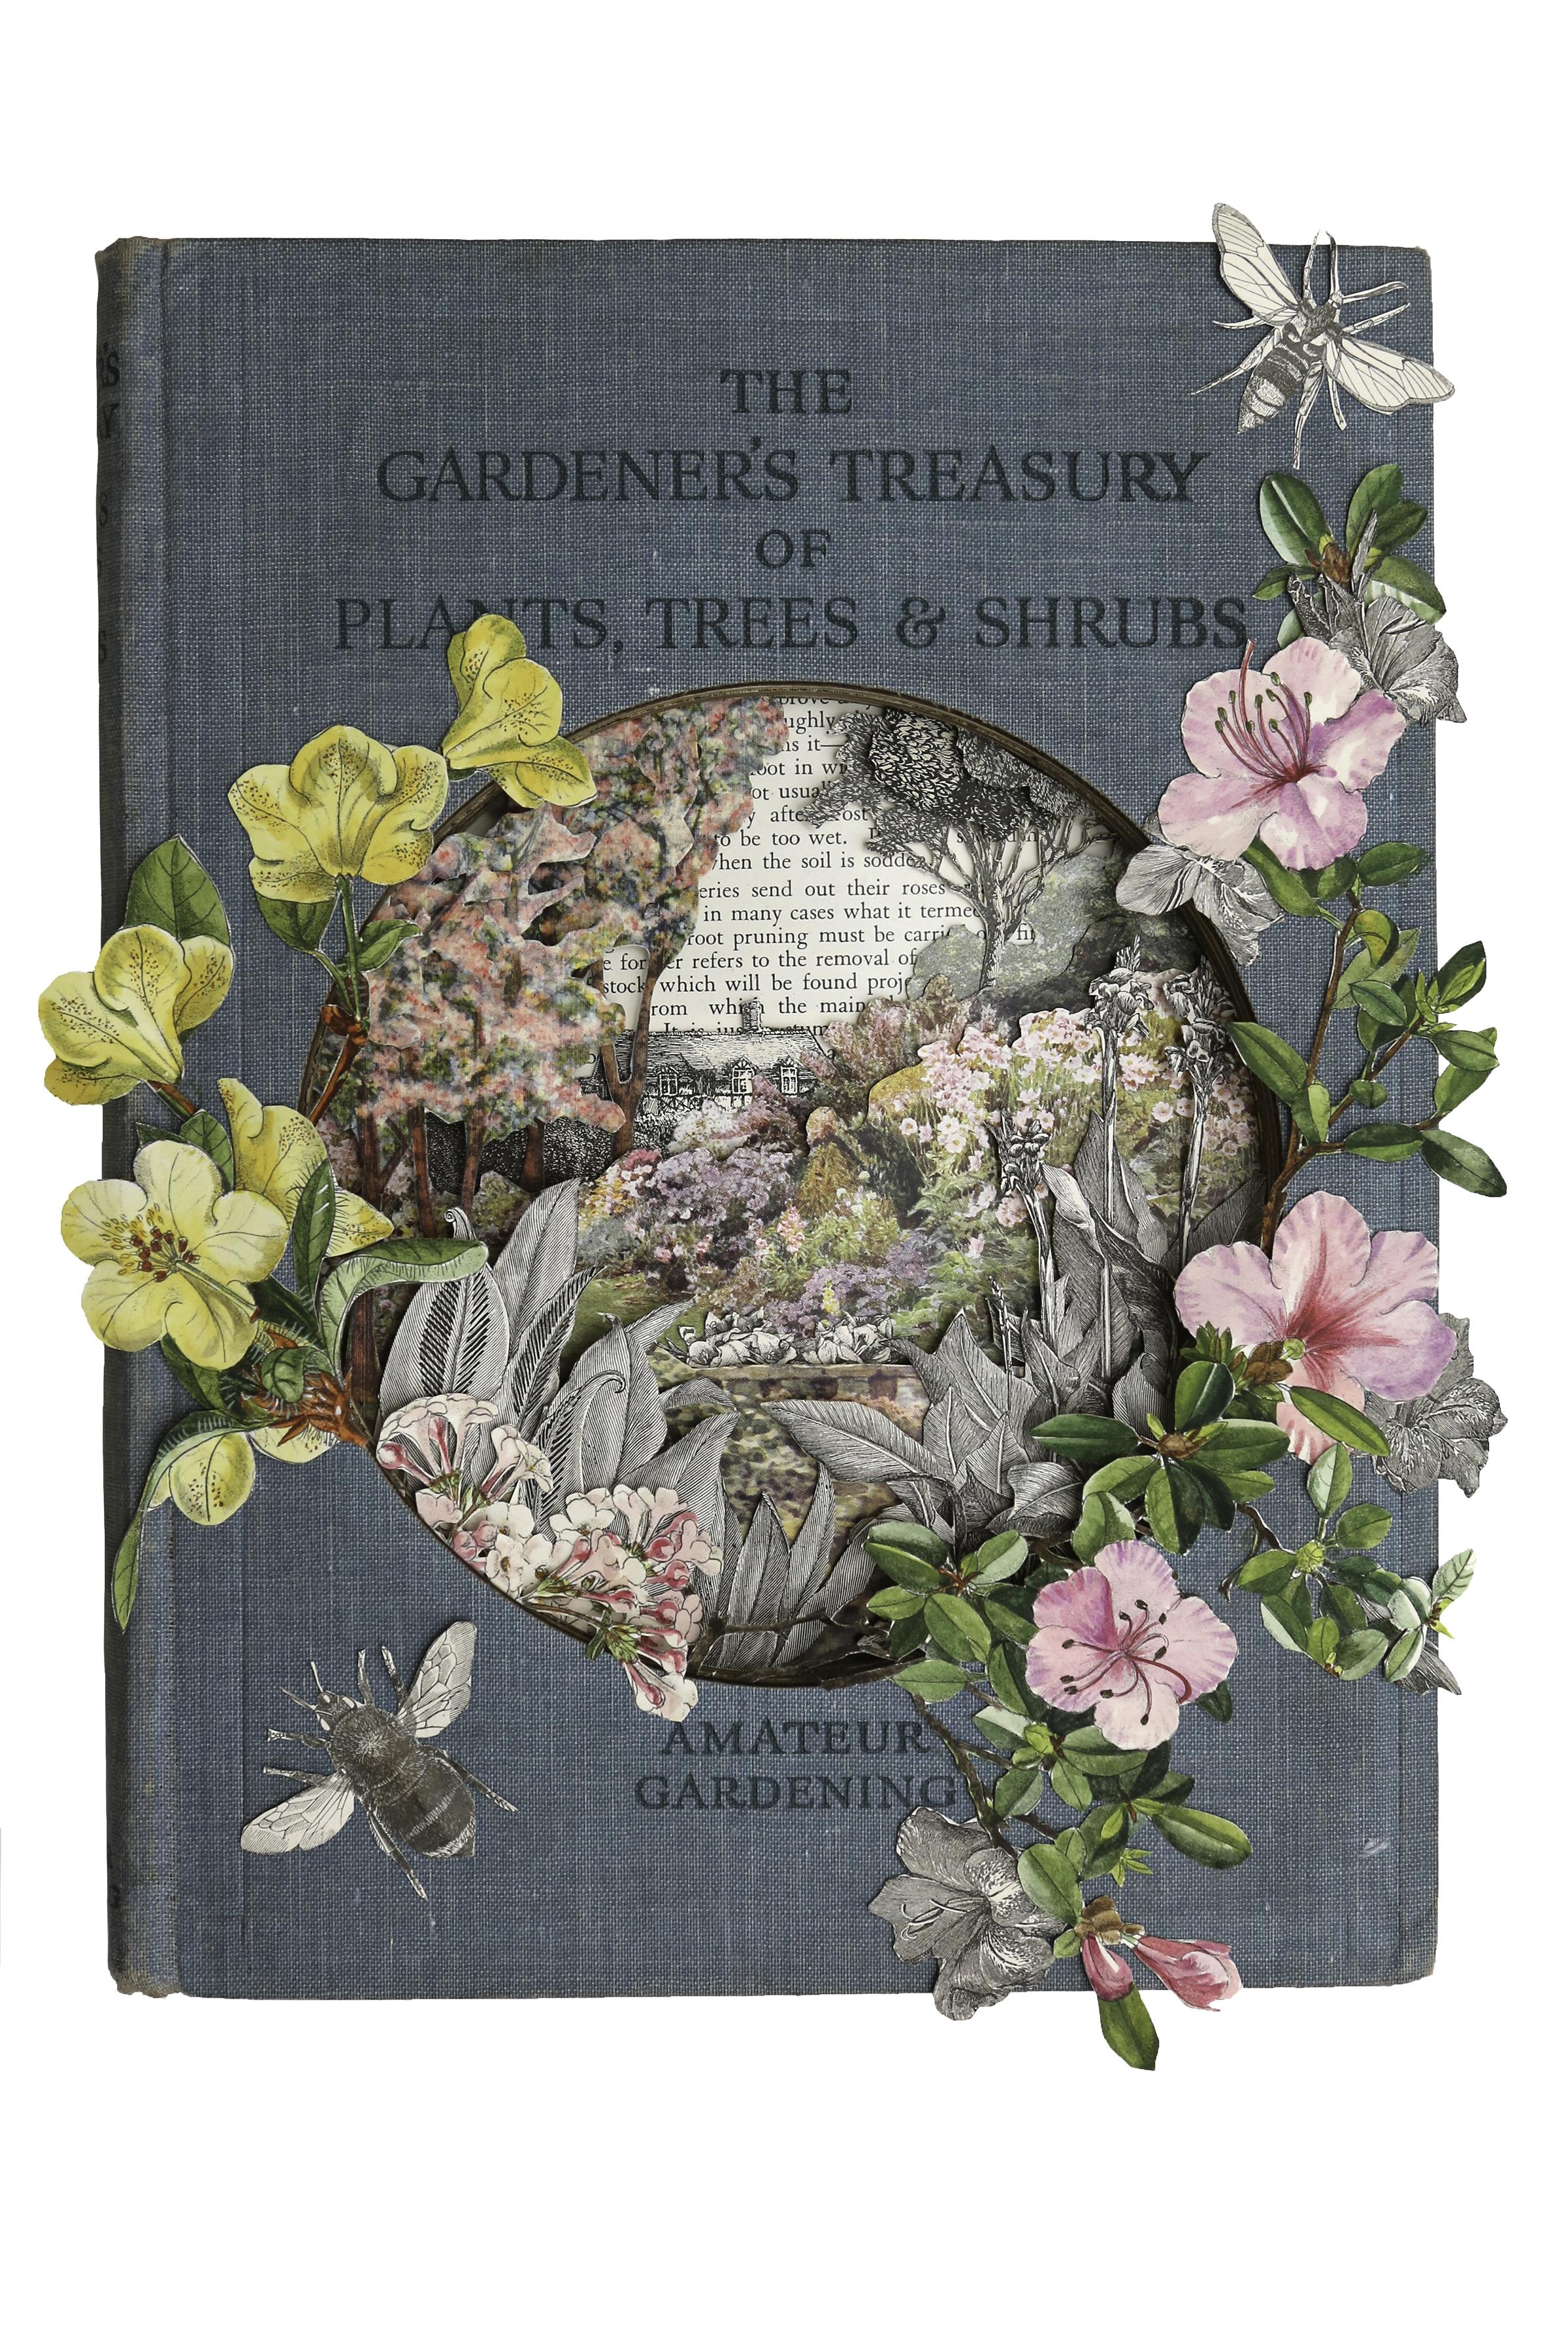 The Gardener's Treasury of Plants, Trees & Shrubs.jpg